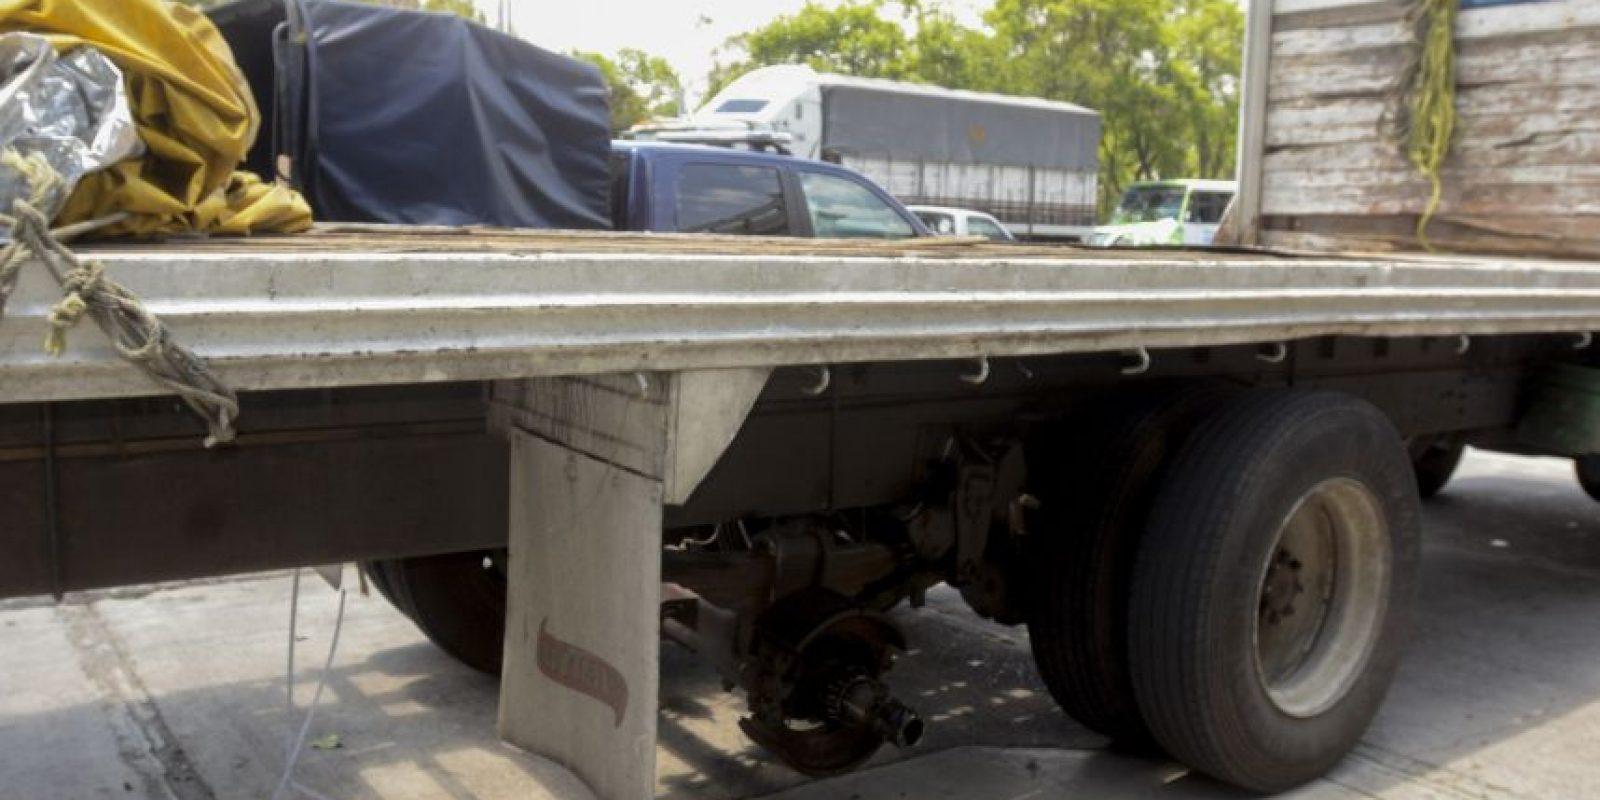 La llanta del vehículo de carga se salió e impactó a un vendedor ambulante Foto:Cuartoscuro